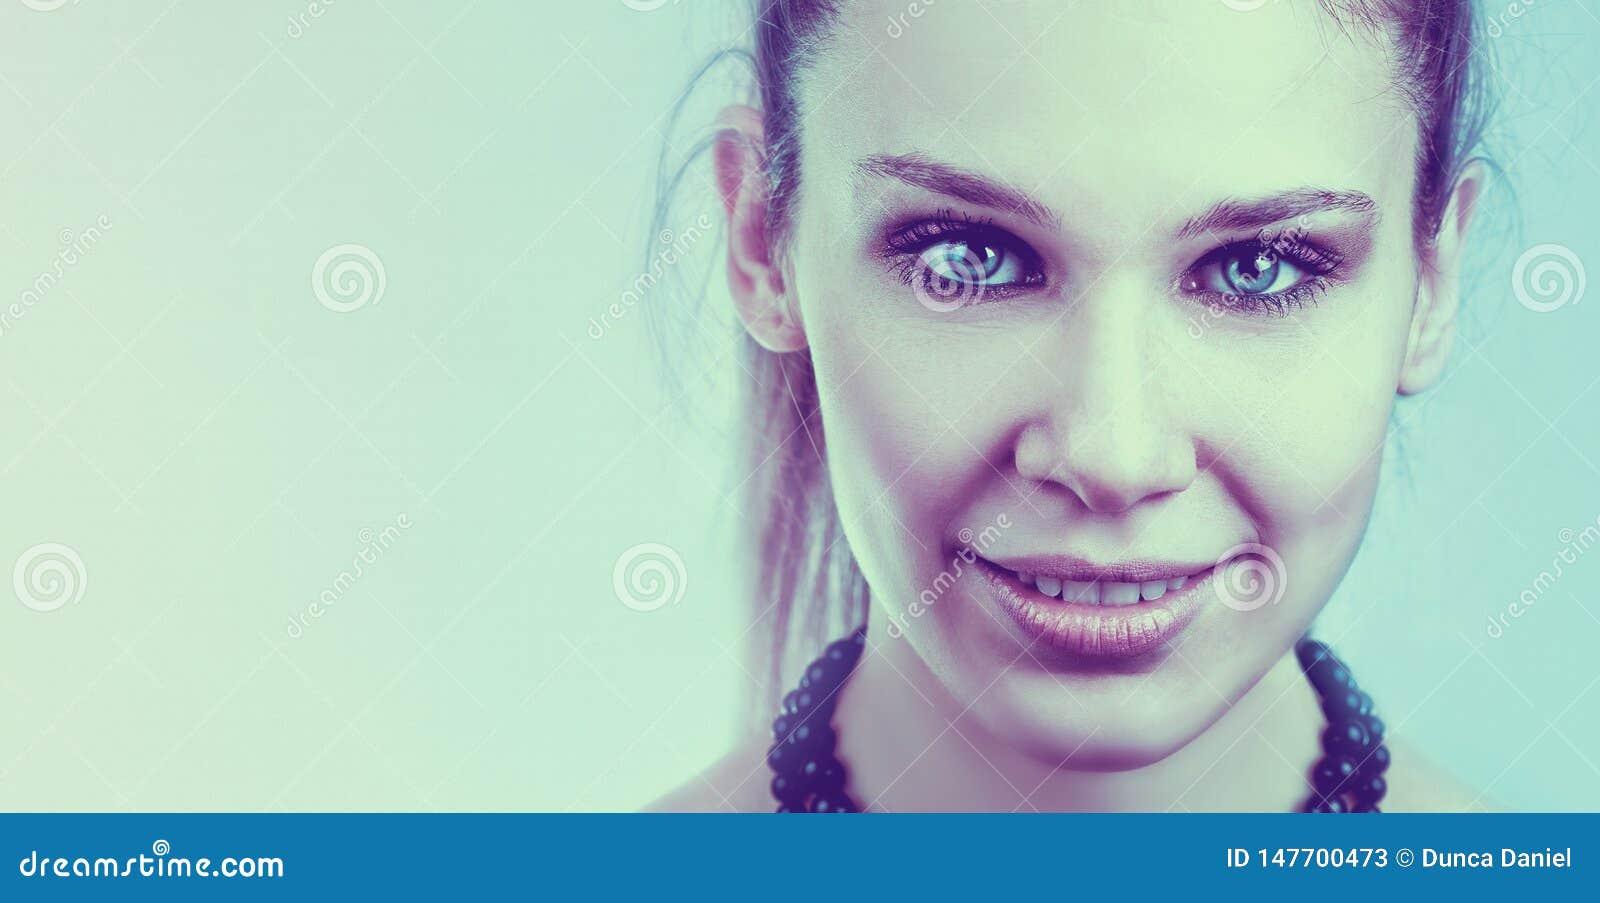 Donna amichevole con il bei fronte e occhi azzurri